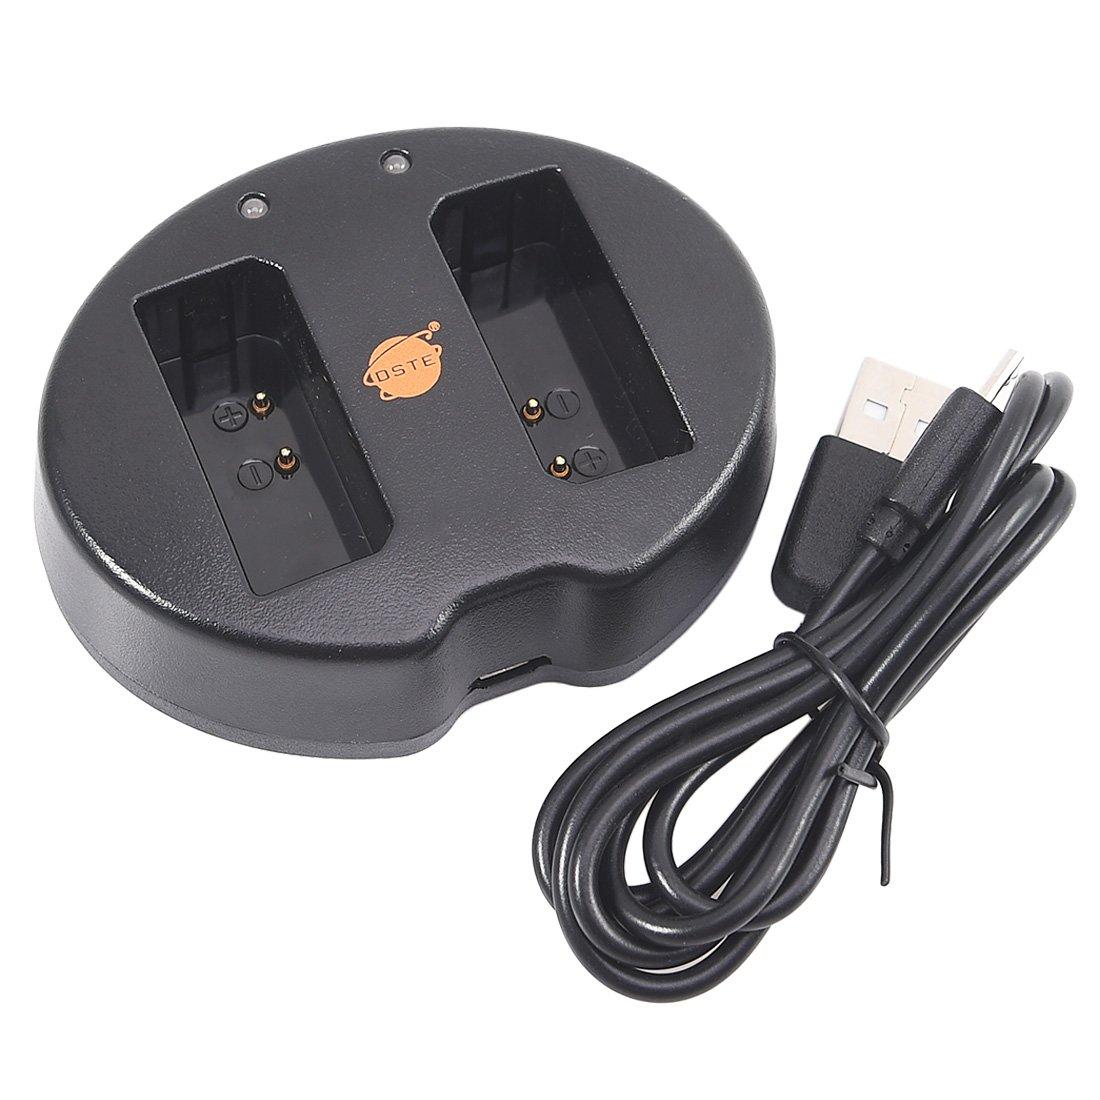 Cargador de Bater/ía USB Compatible con Canon LP-E10 EOS 1100D 1200D Kiss X50 X70 X80 Rebel T3 T5 DSTE 2pcs Bater/ía